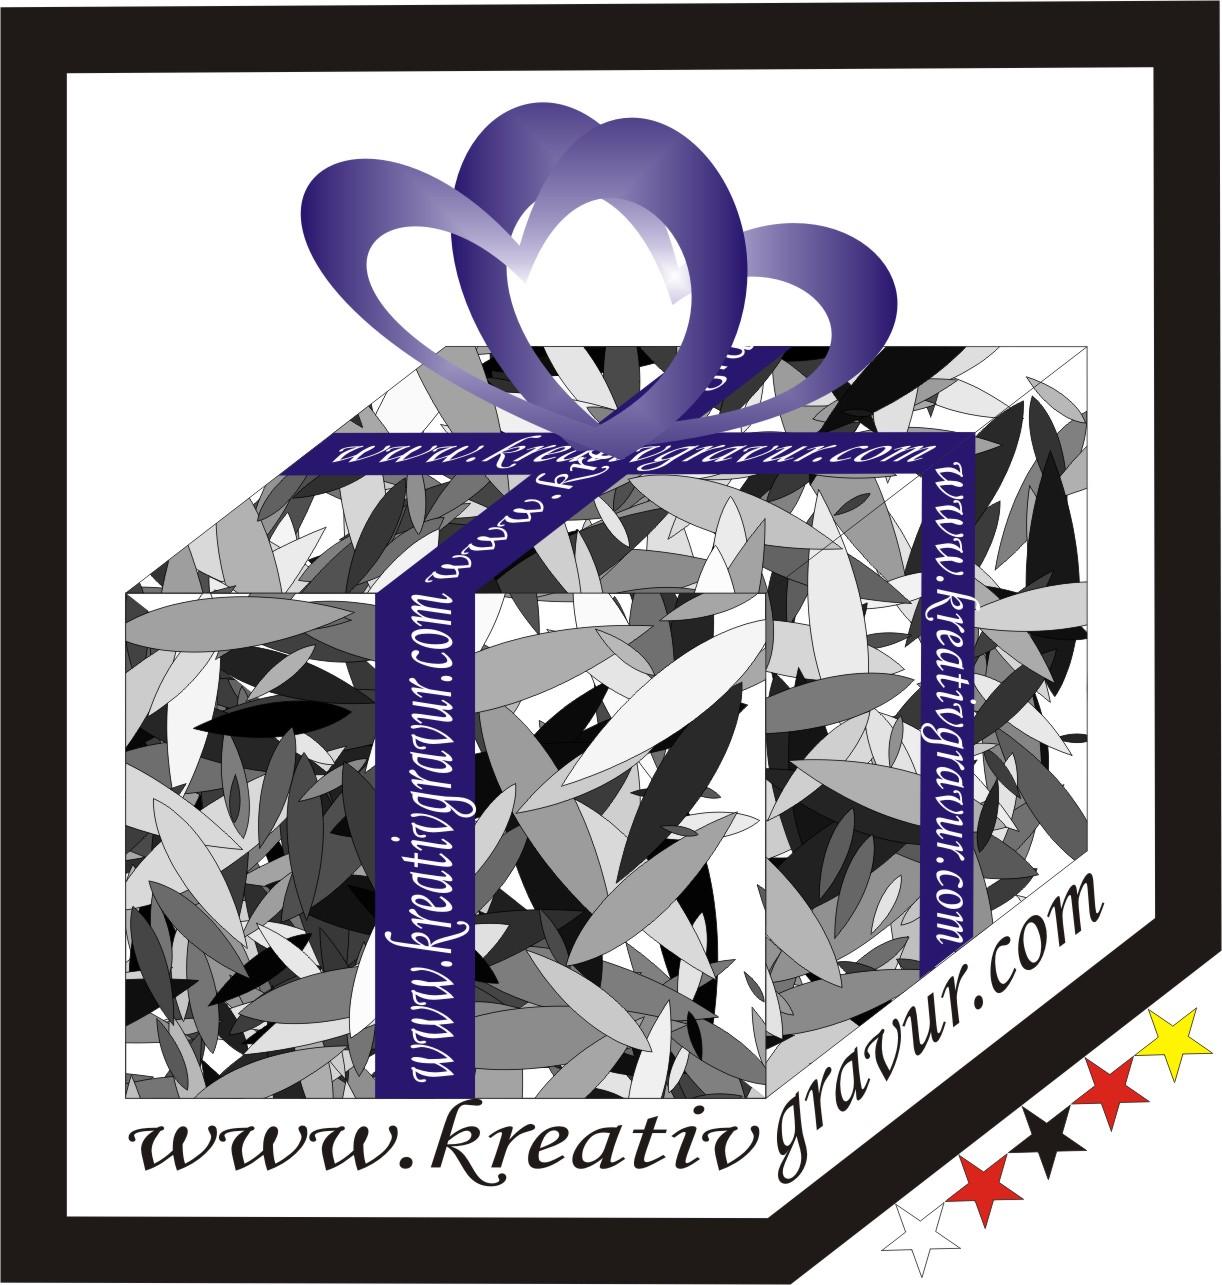 kreativgravur - Mit Liebe gemachte Geschenke, Deko und mehr-Logo